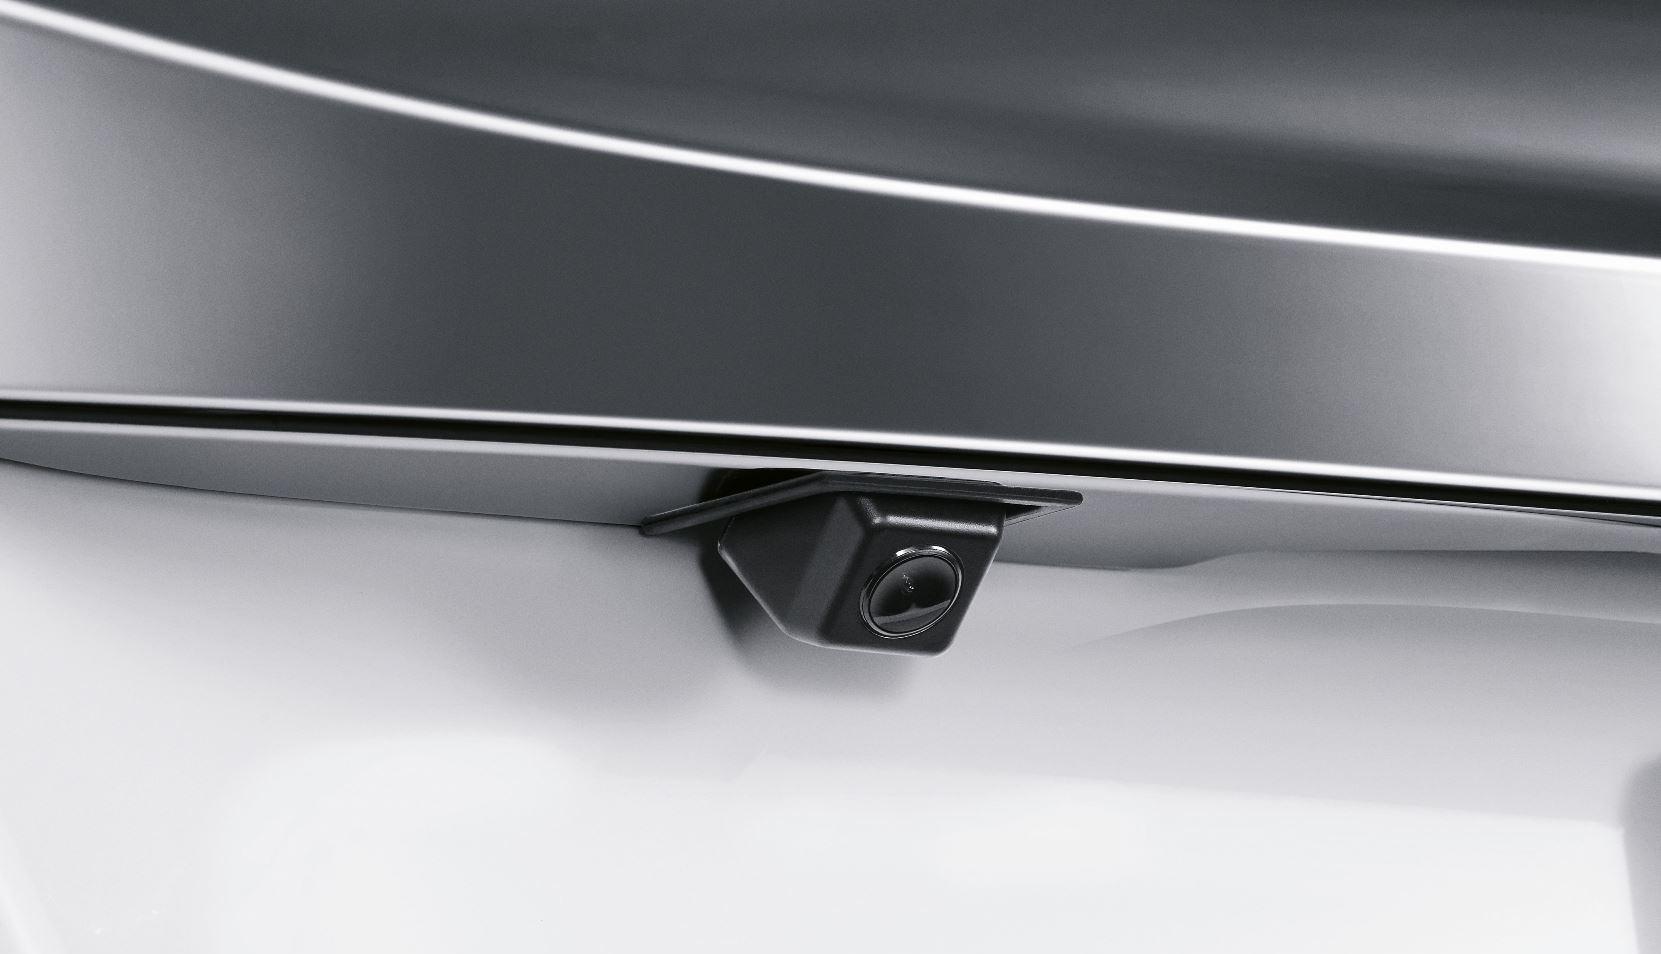 กล้องมองหลัง PC634-BZ001